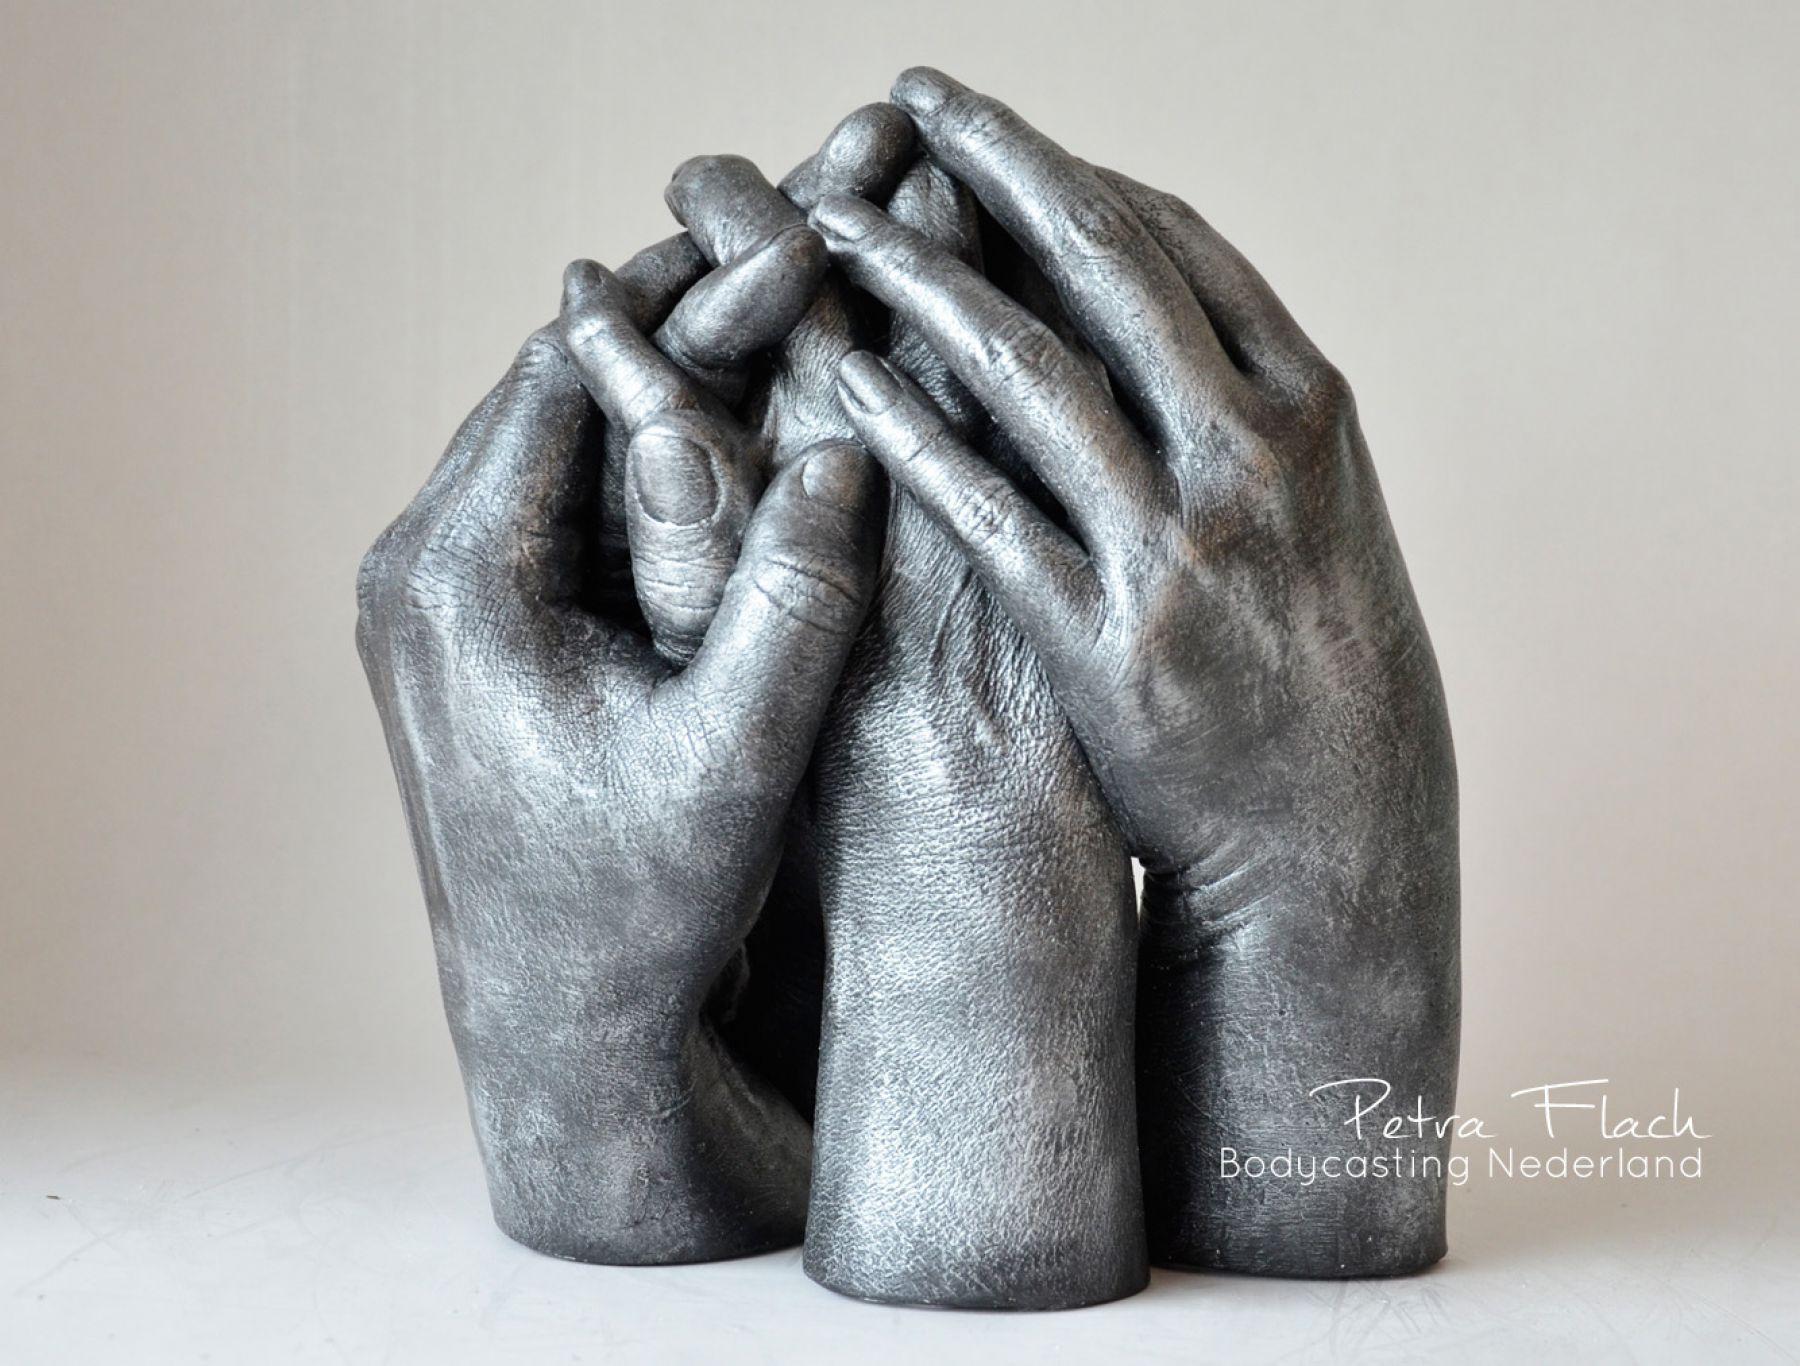 Bodycasting-lifecasting-handbeeld-handen-kunst-art-3Dkunst-gipshanden-handafdruk-petraflach